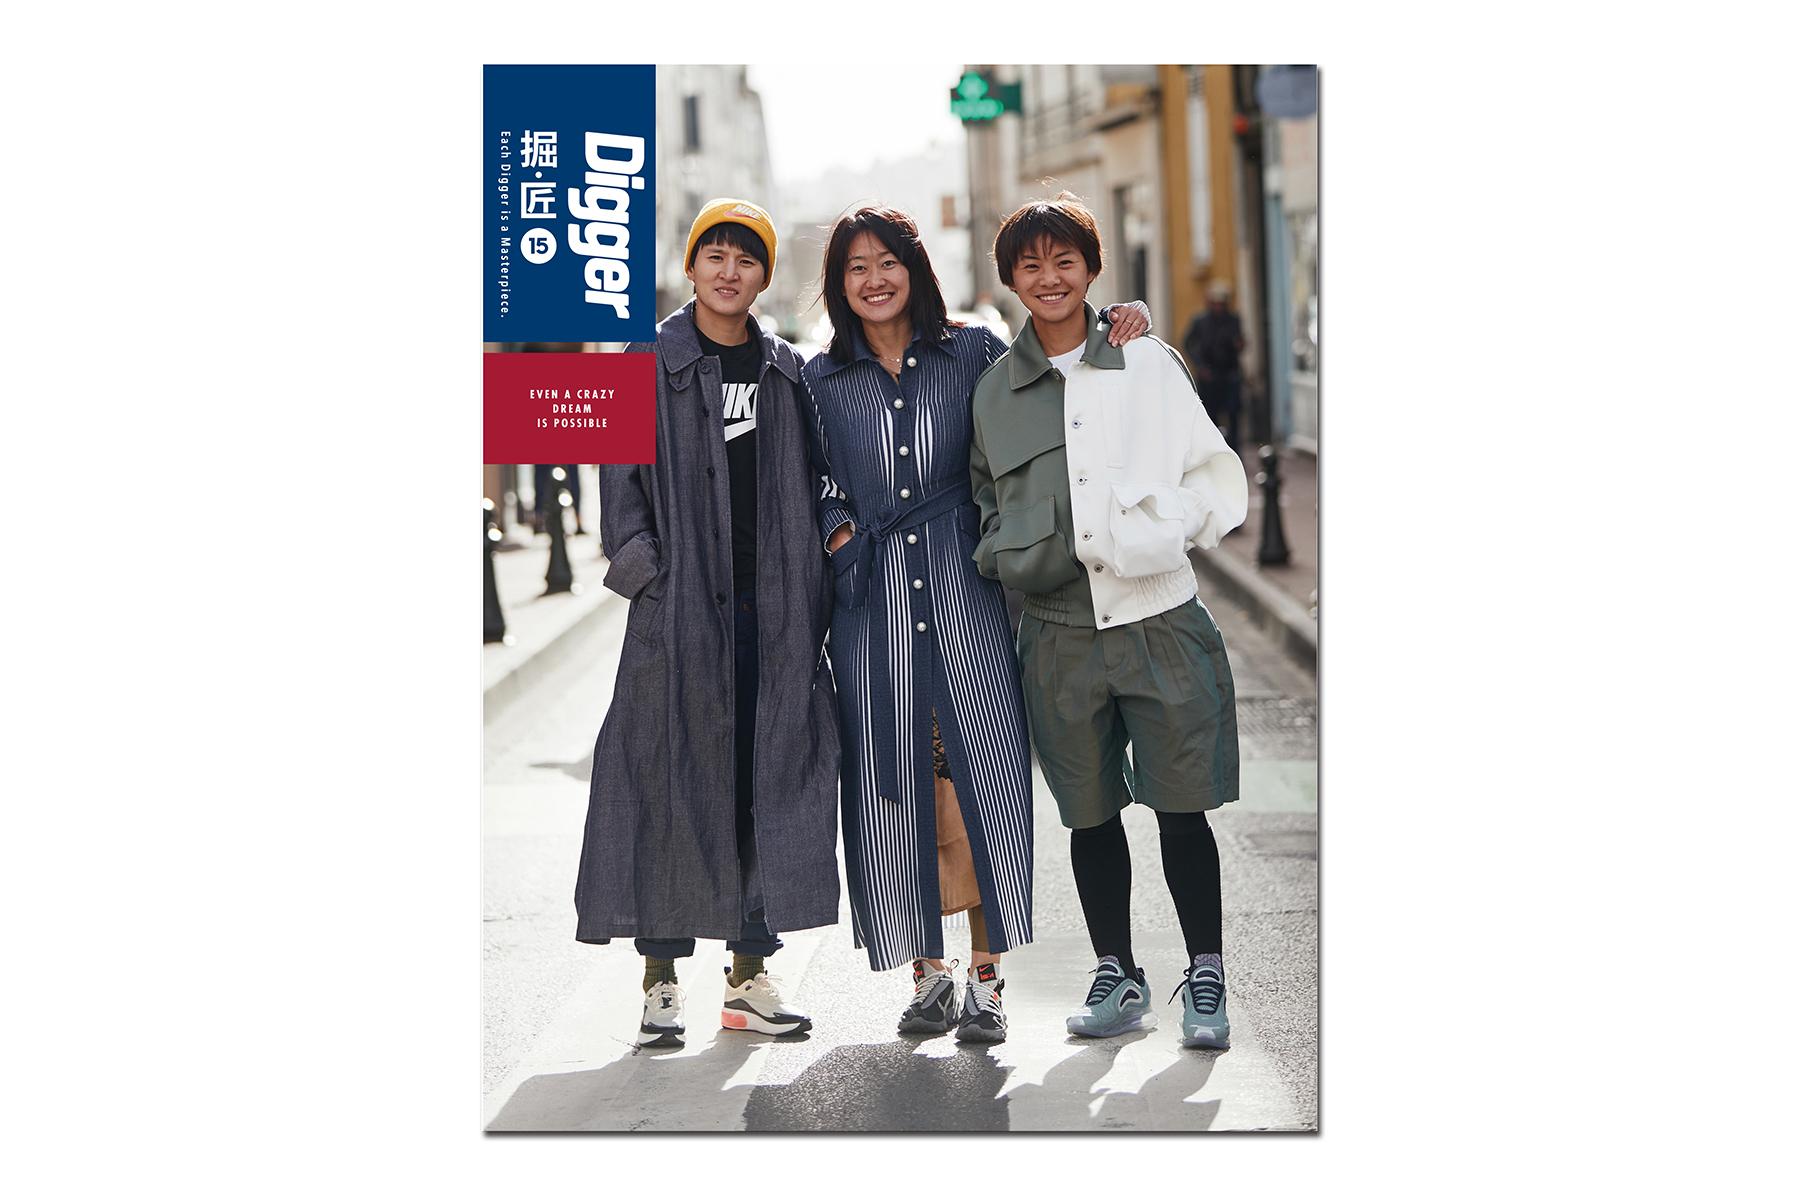 精品球鞋杂志《Digger》Issue 15 正式上架